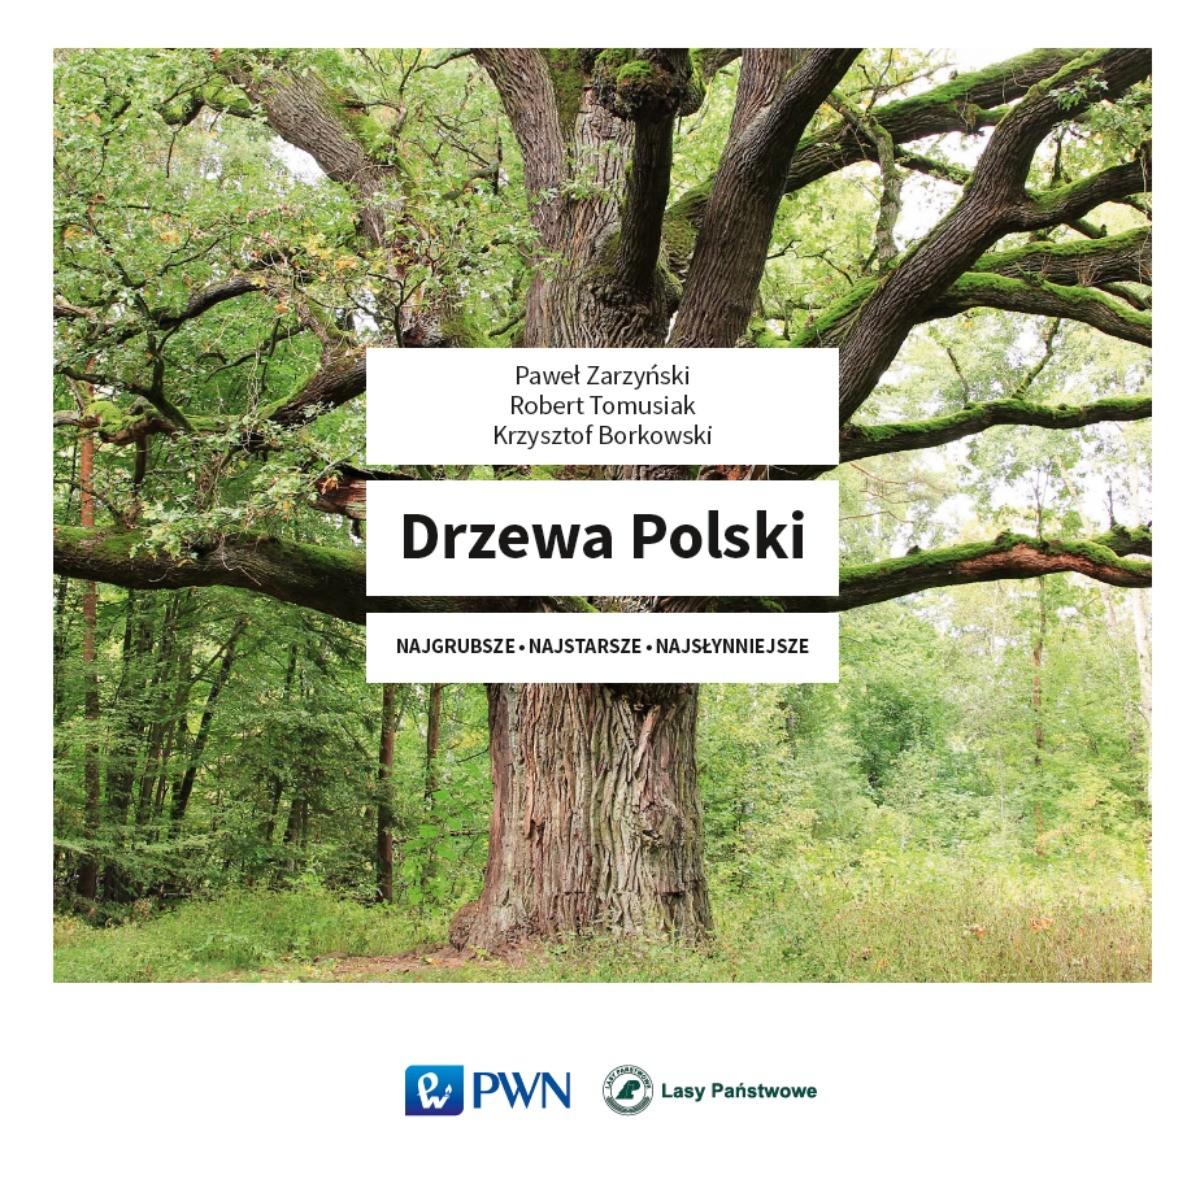 Drzewa Polski - Najgrubsze Najstarsze Najsłynniejsze